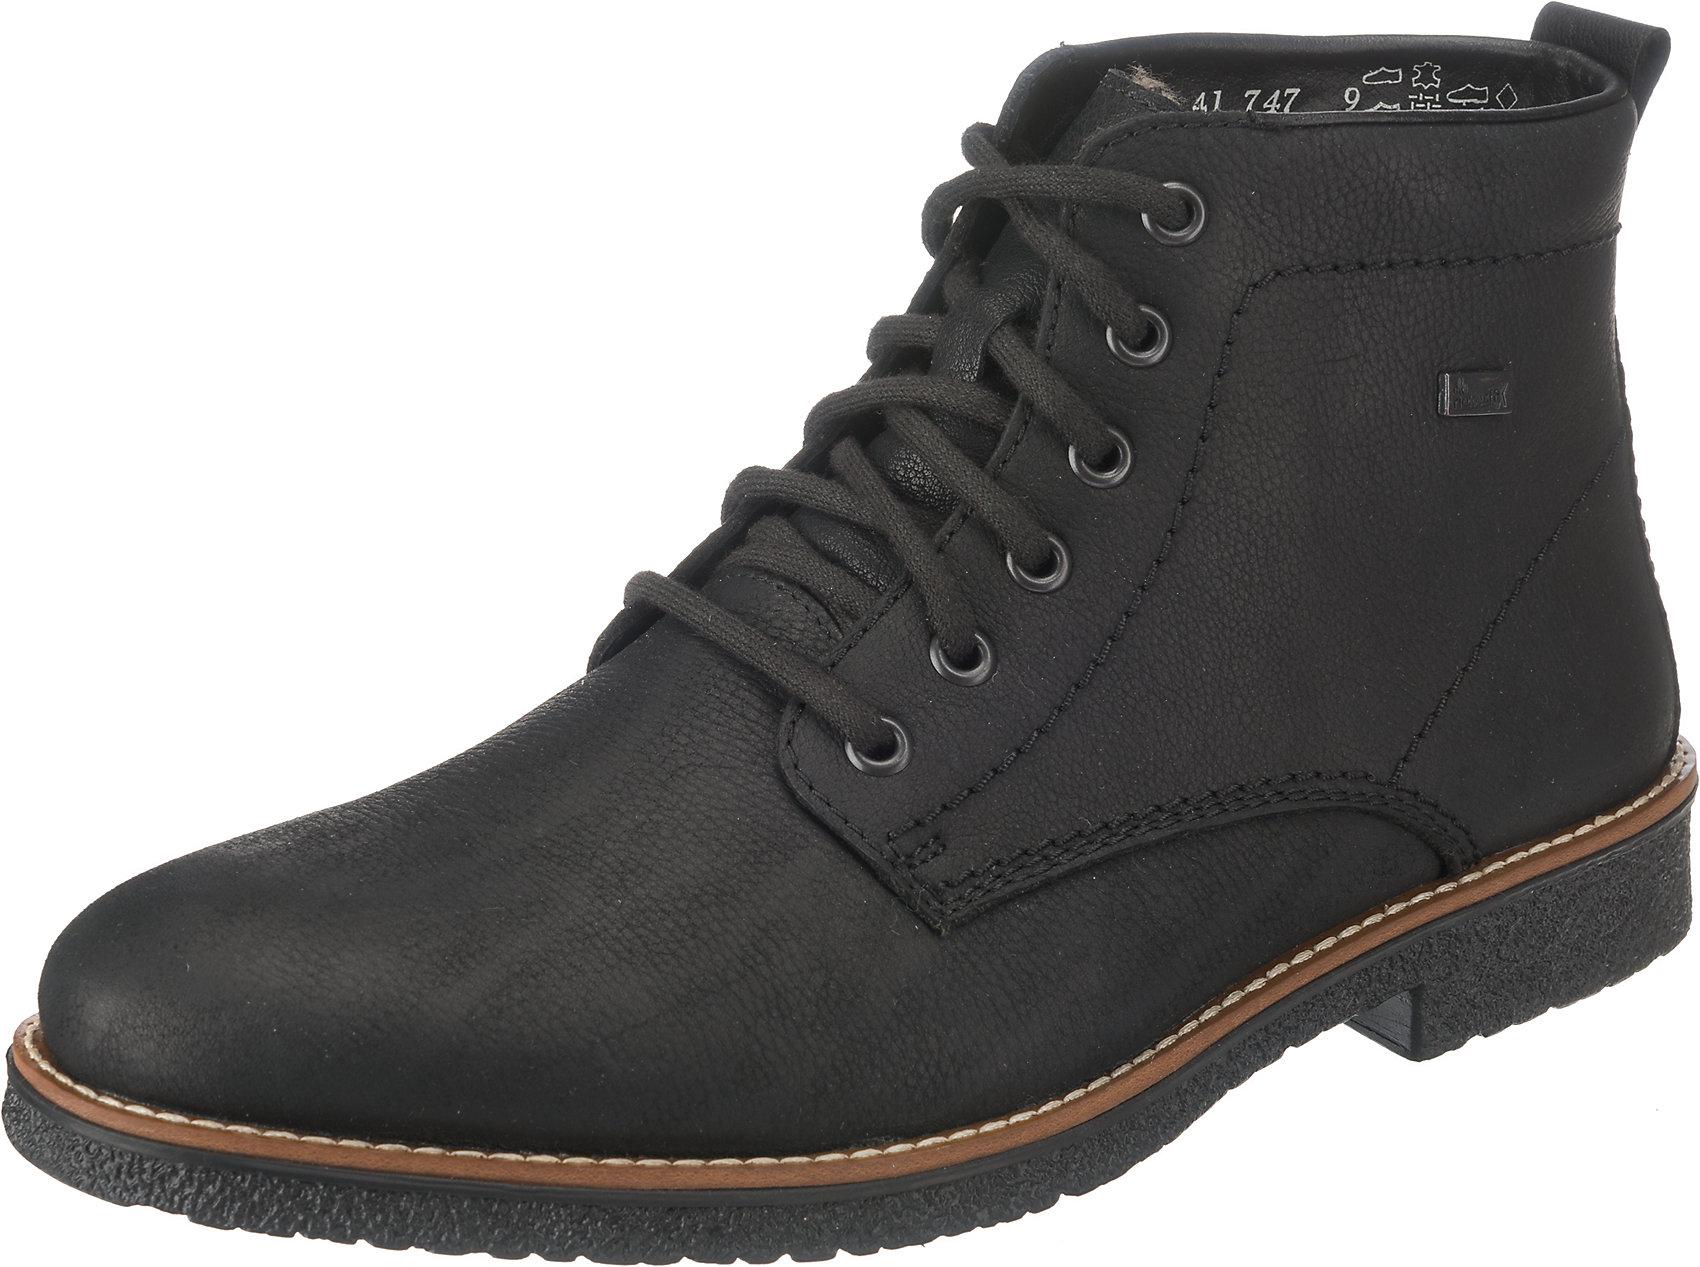 Rieker B3020 02 Schwarz Gr.43 Leder Schuhe Sommer 2019 (2669